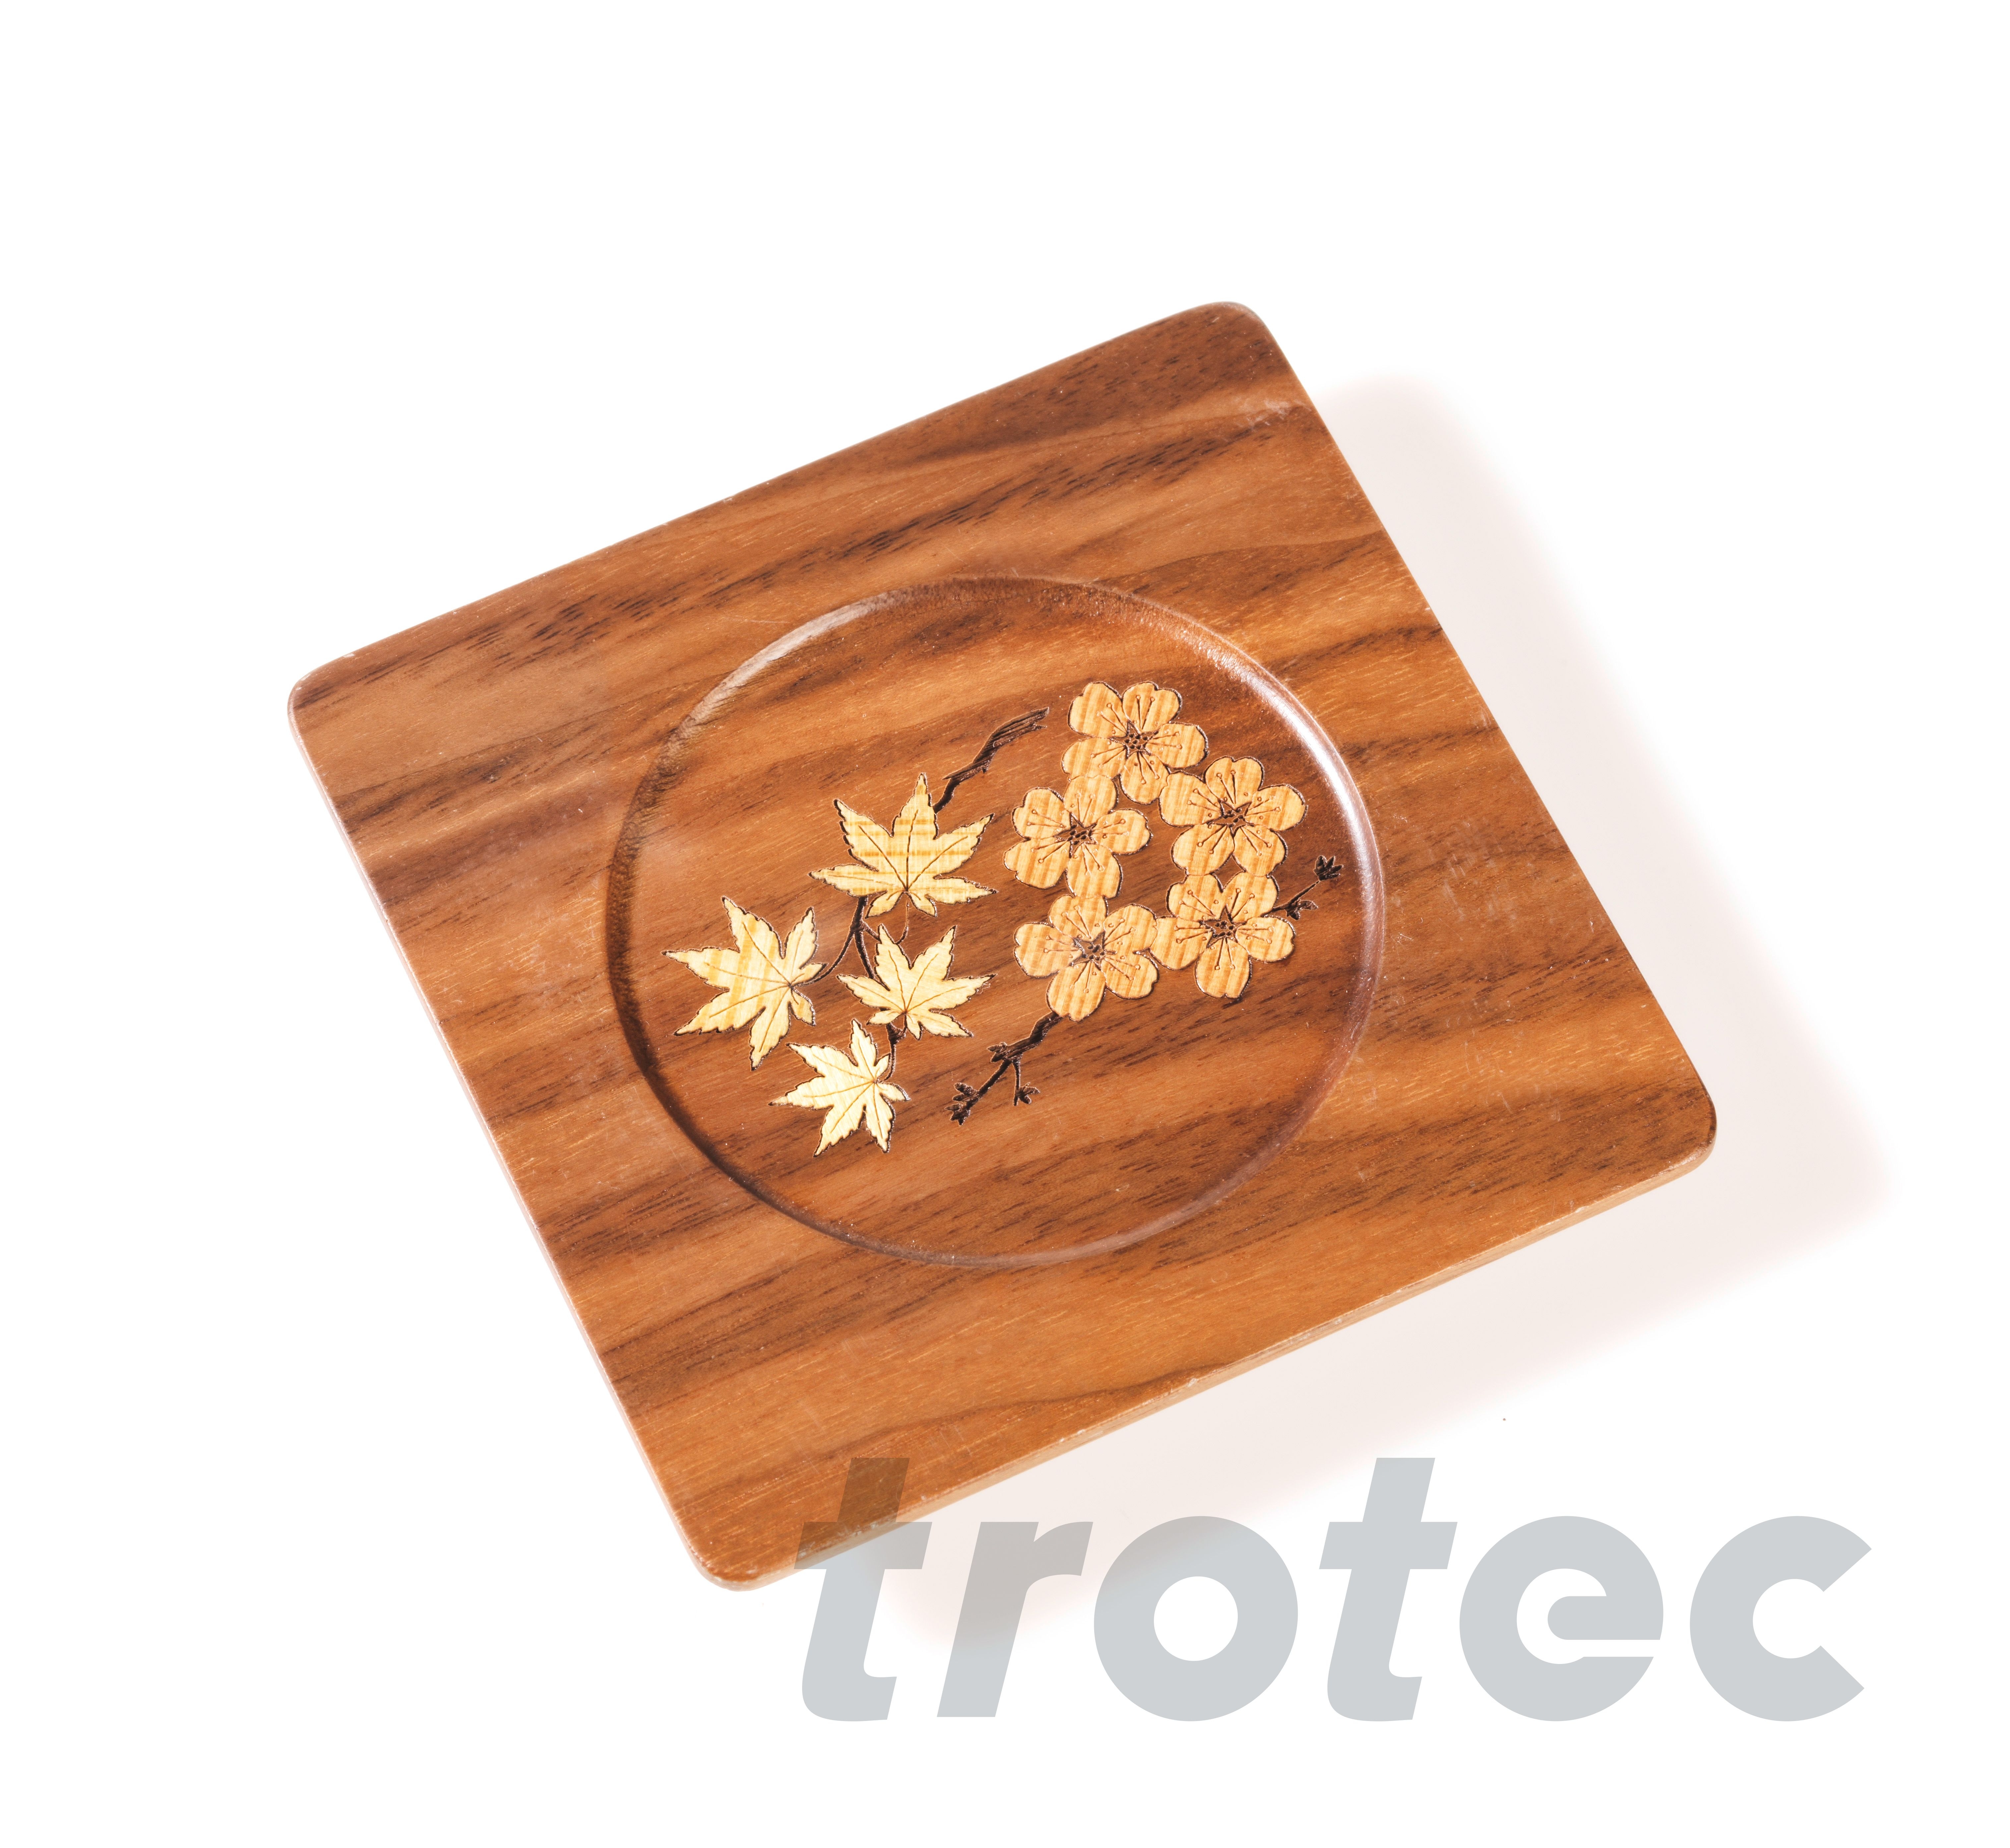 Dekoplatte Intarsie Aus Holz Holz Holz Beschriften Holzschussel